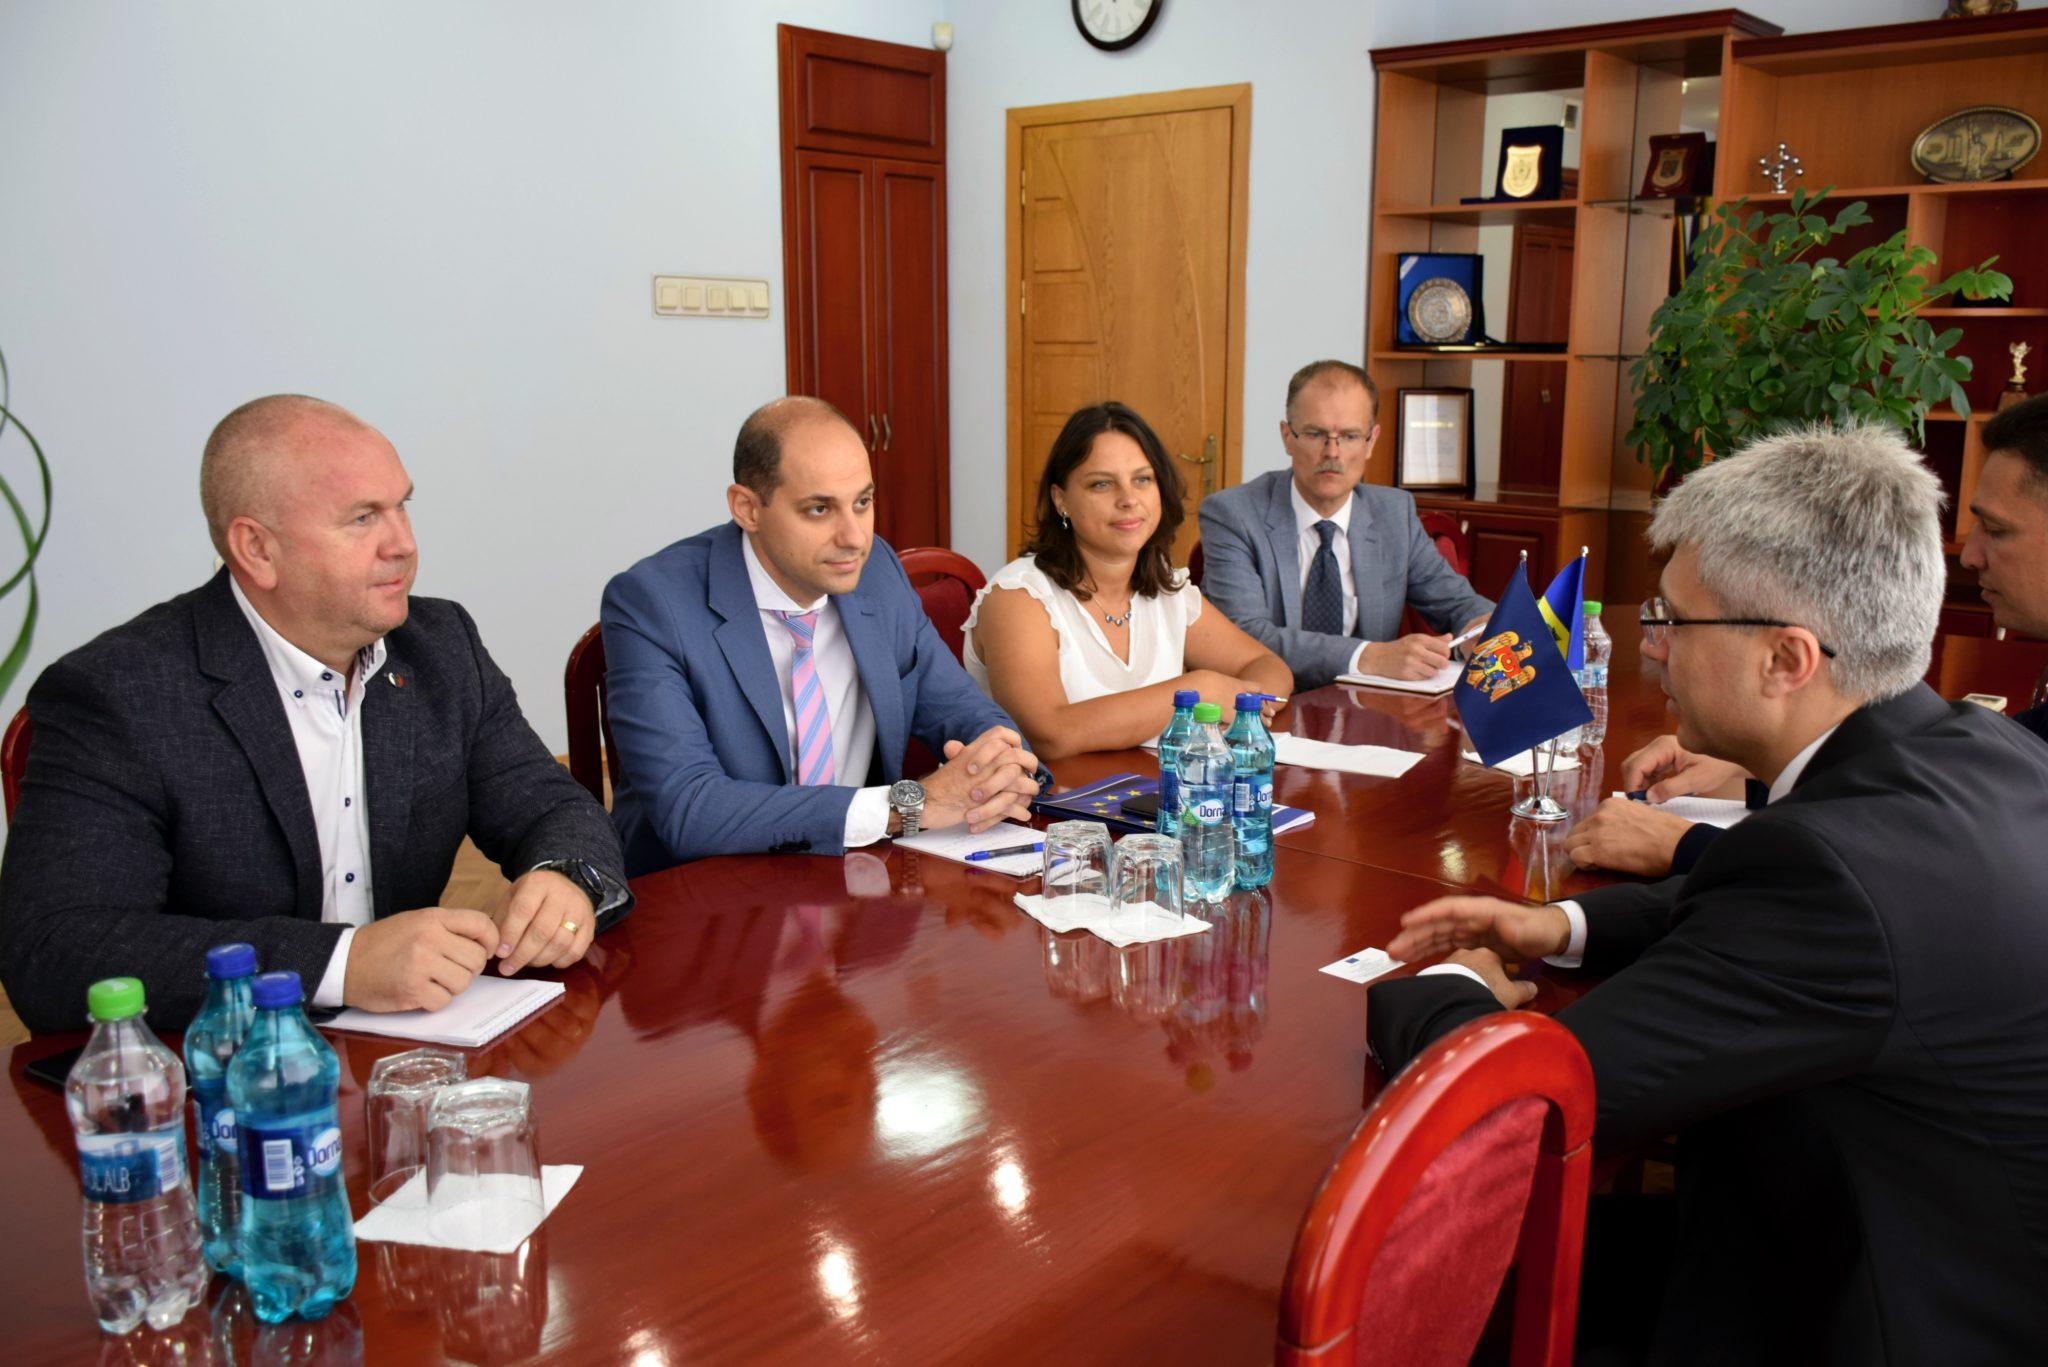 Ruslan Flocea către experţii delegaţiei UE: Pentru a lupta cu corupţia la nivel înalt este necesară revizuirea competenţelor CNA